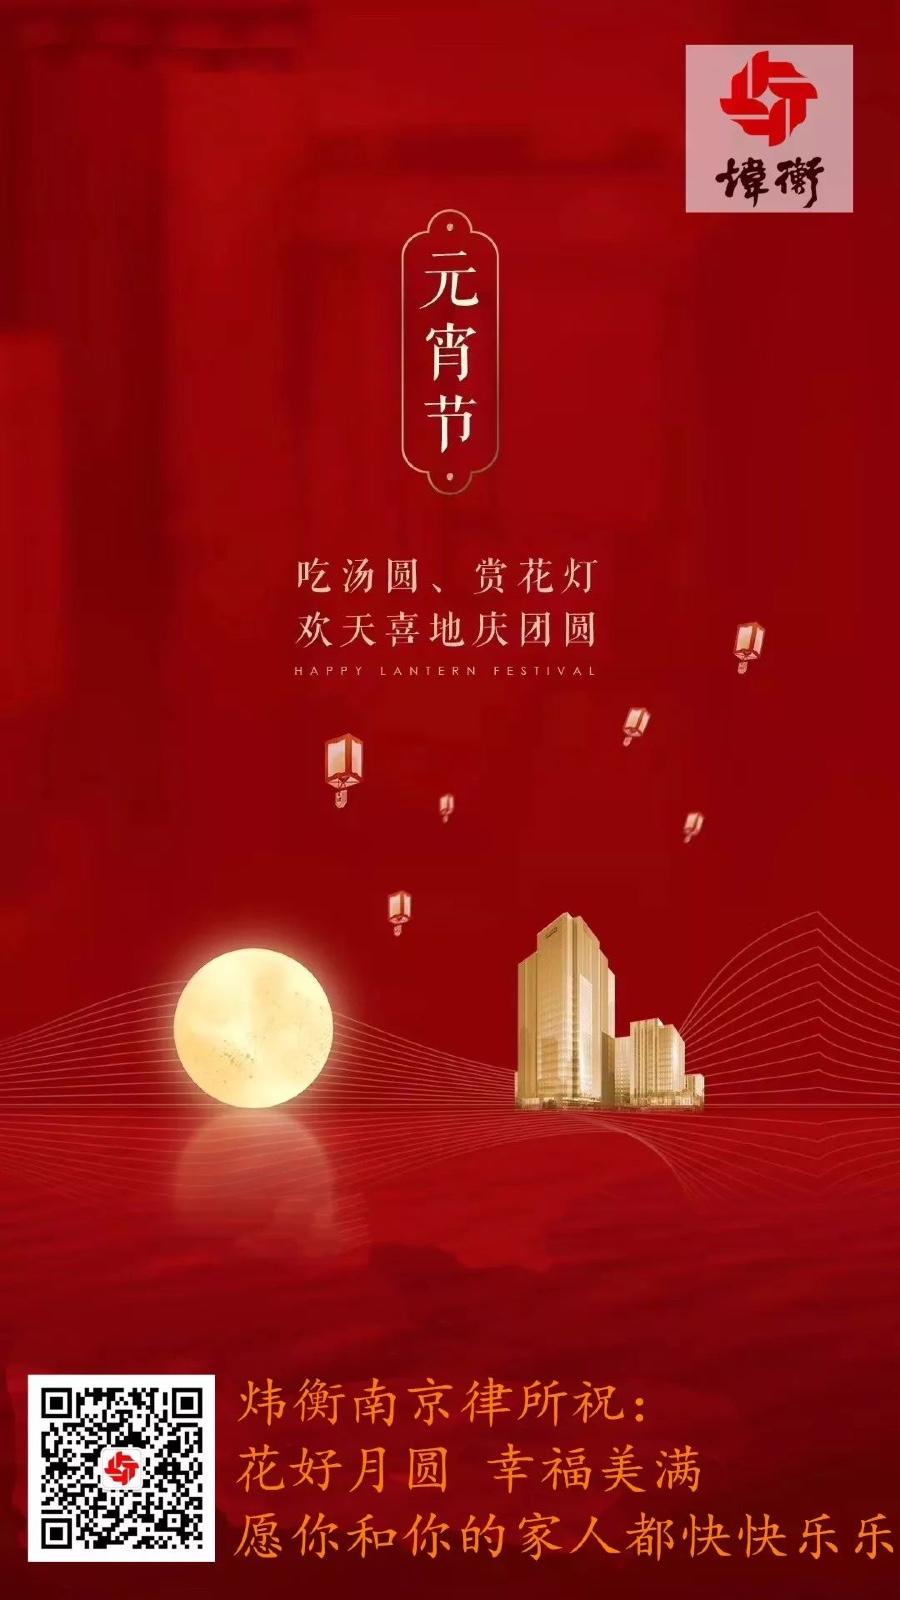 北京市炜衡(南京)伟德首页伟德国际唯一官方祝大家元宵快乐!